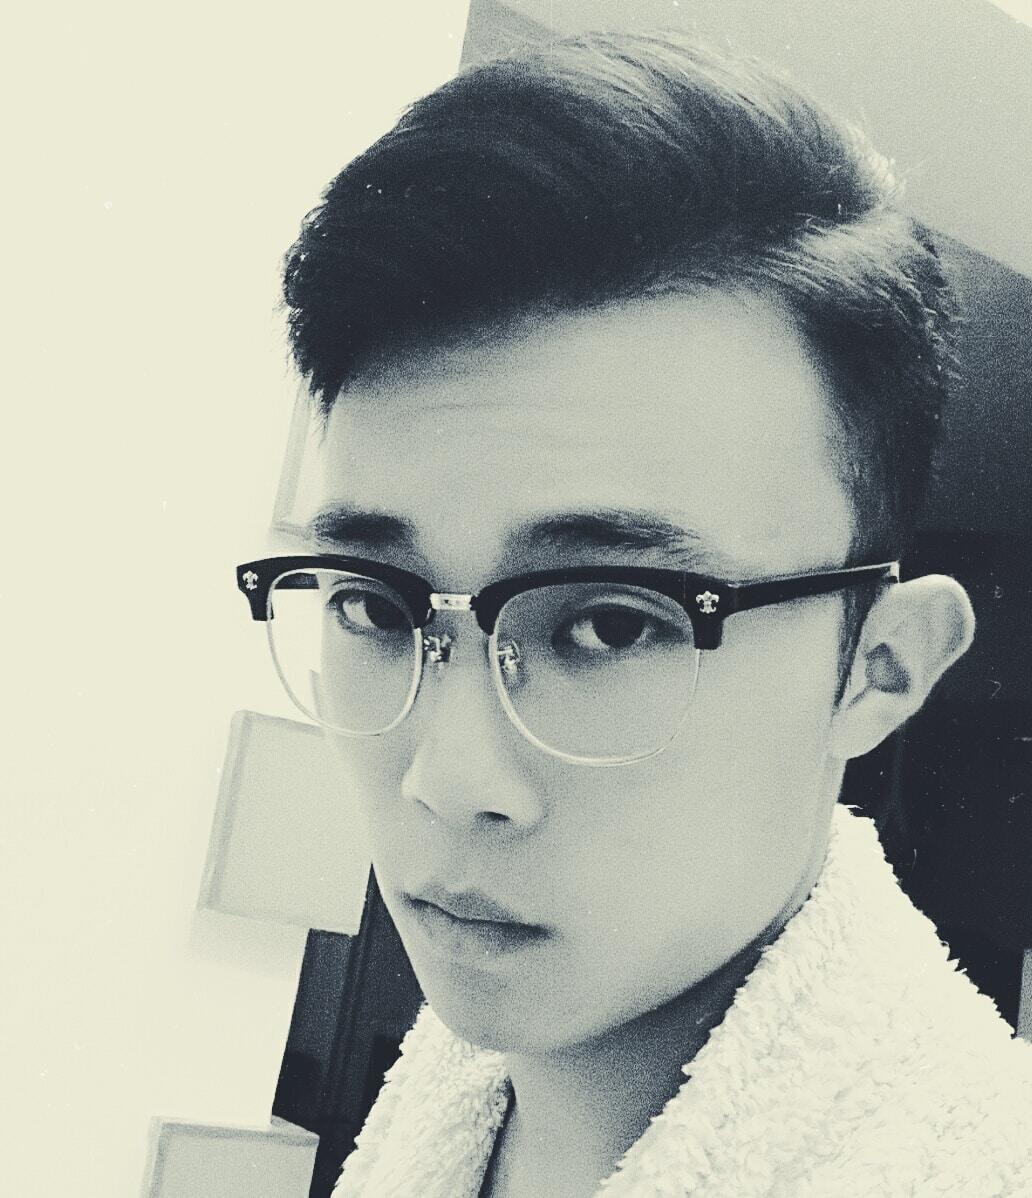 Go to CHEN's profile